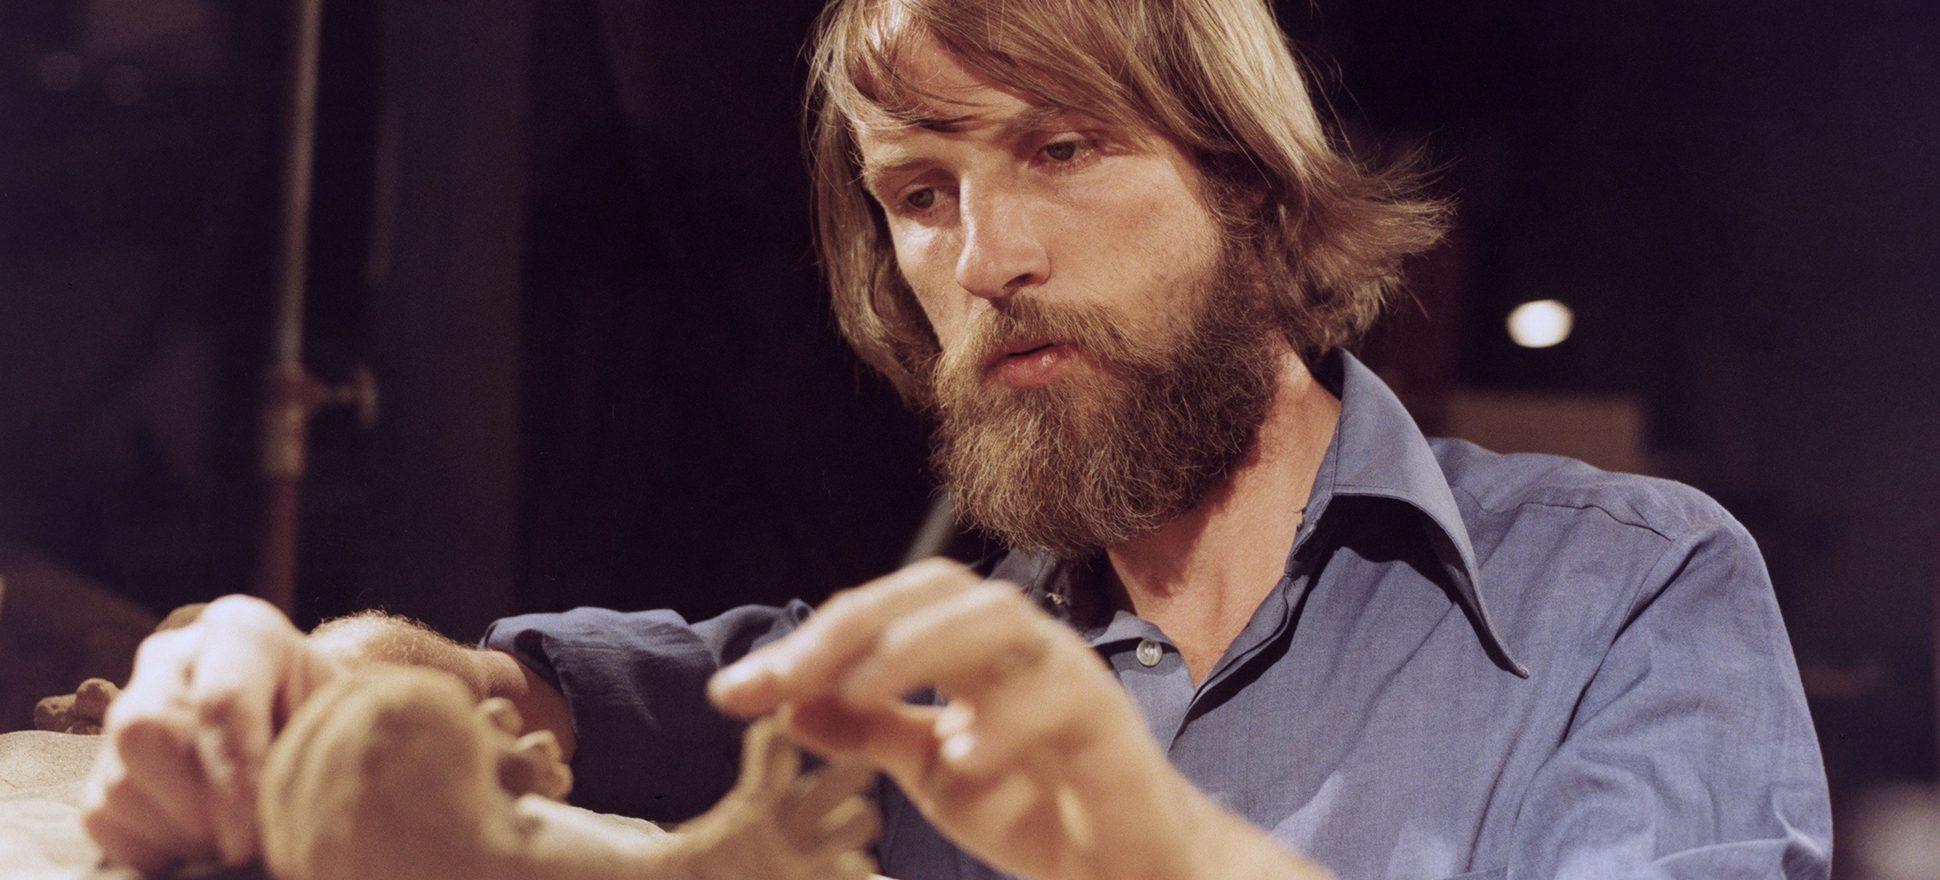 Il y a 40 ans, le film de l'ONF « Le château de sable » remportait un Oscar